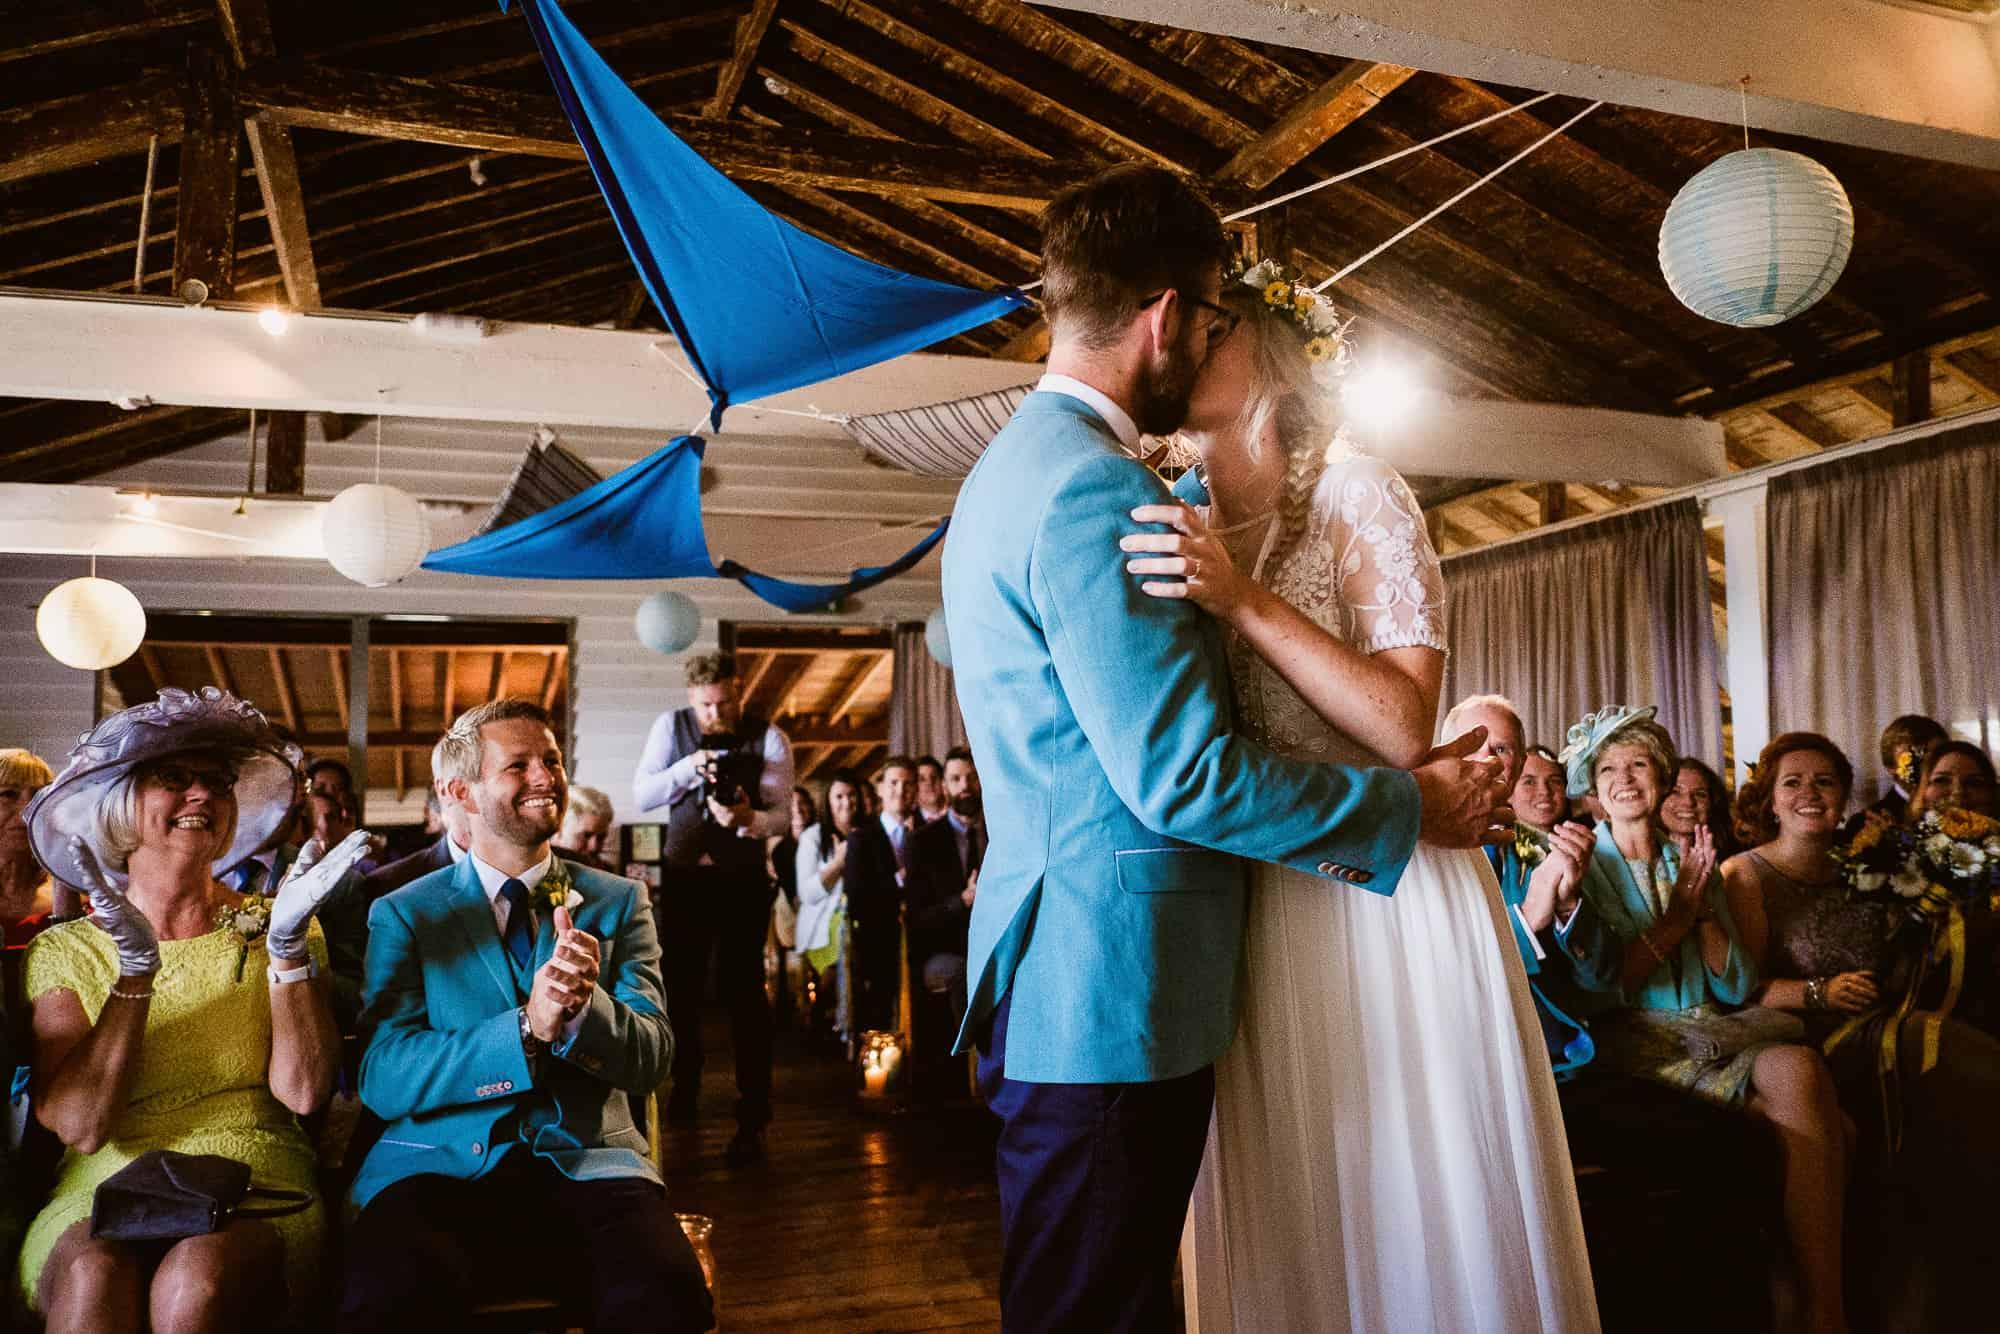 east-quay-wedding-photography-matt-tyler-0035